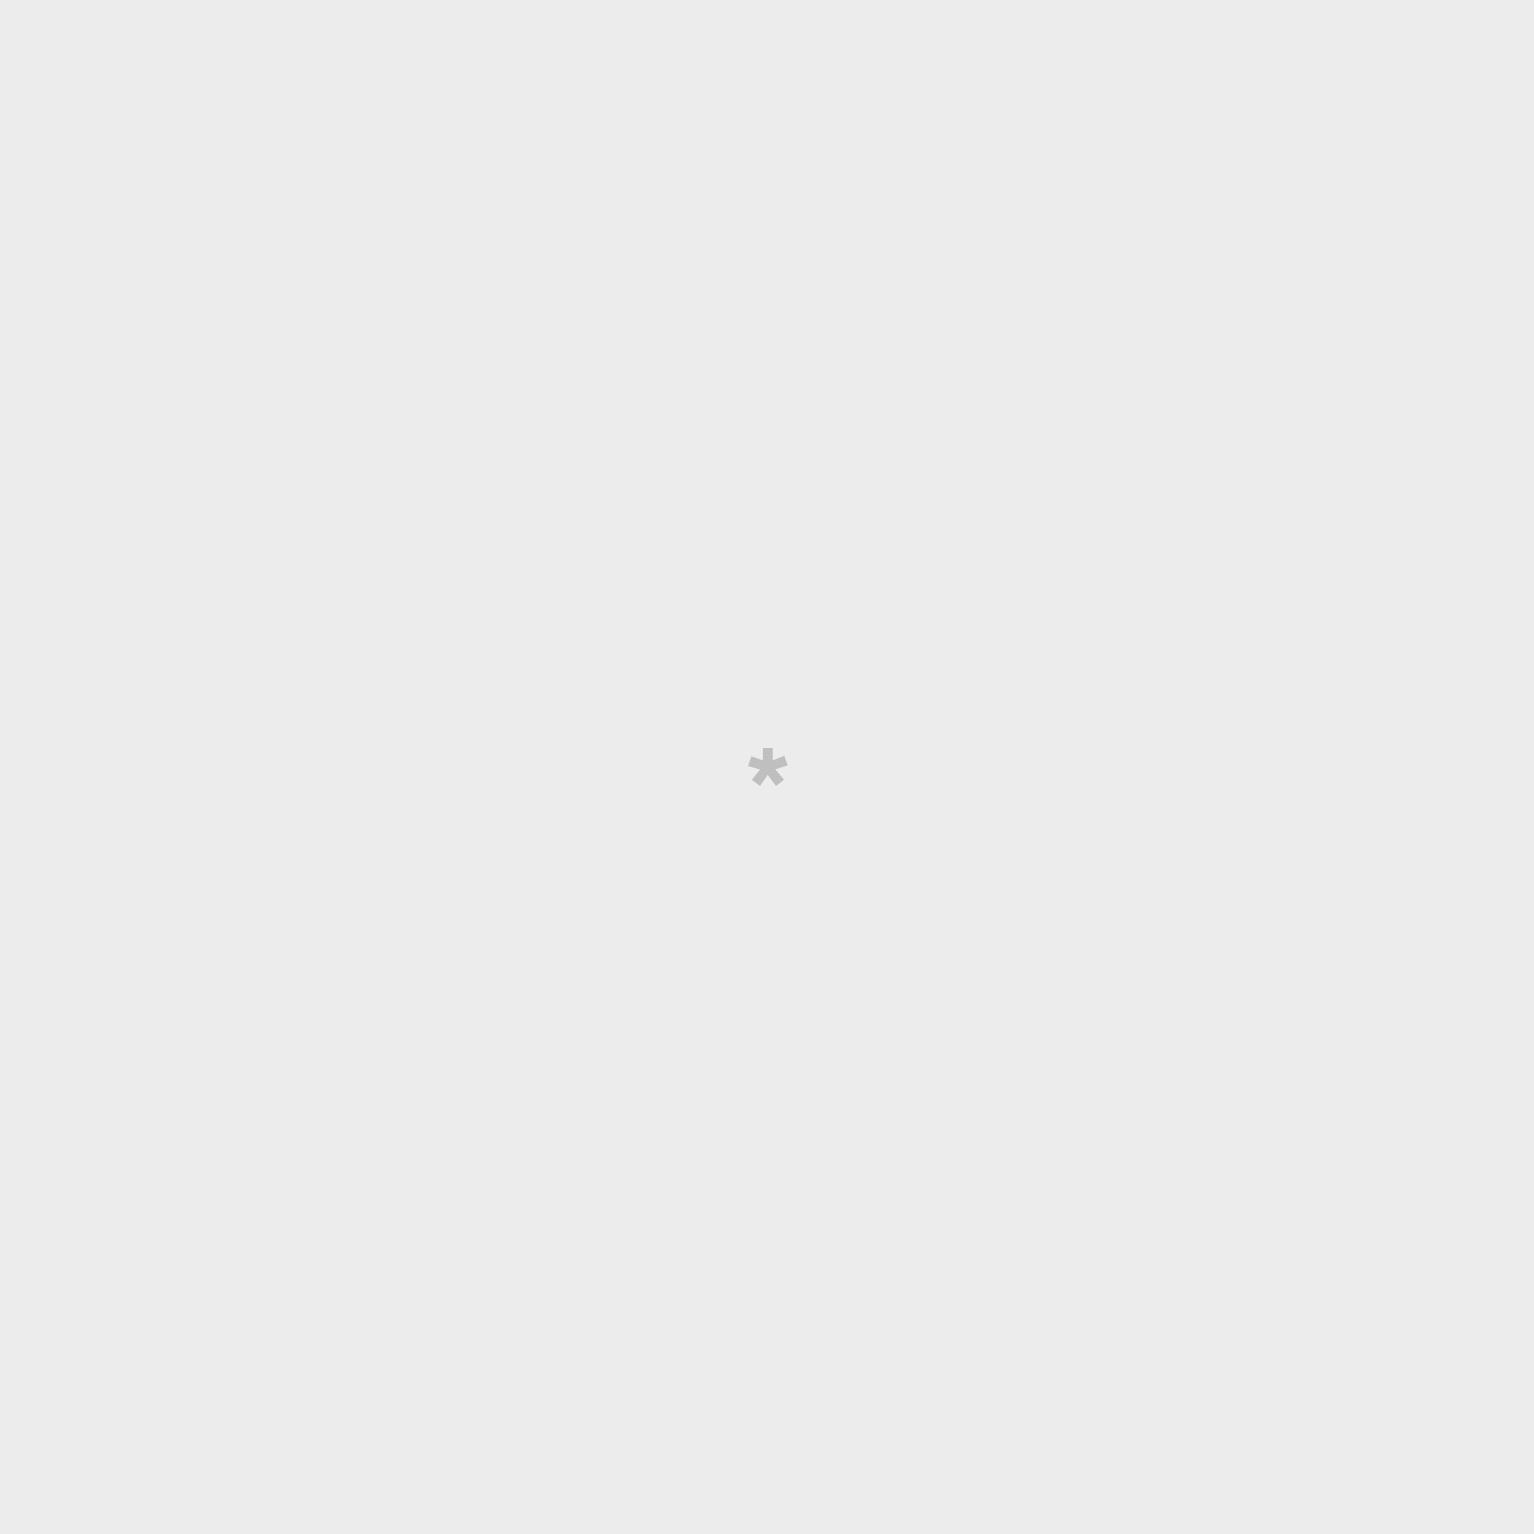 Cahier petit format - Mon plan pour réaliser mes objectifs